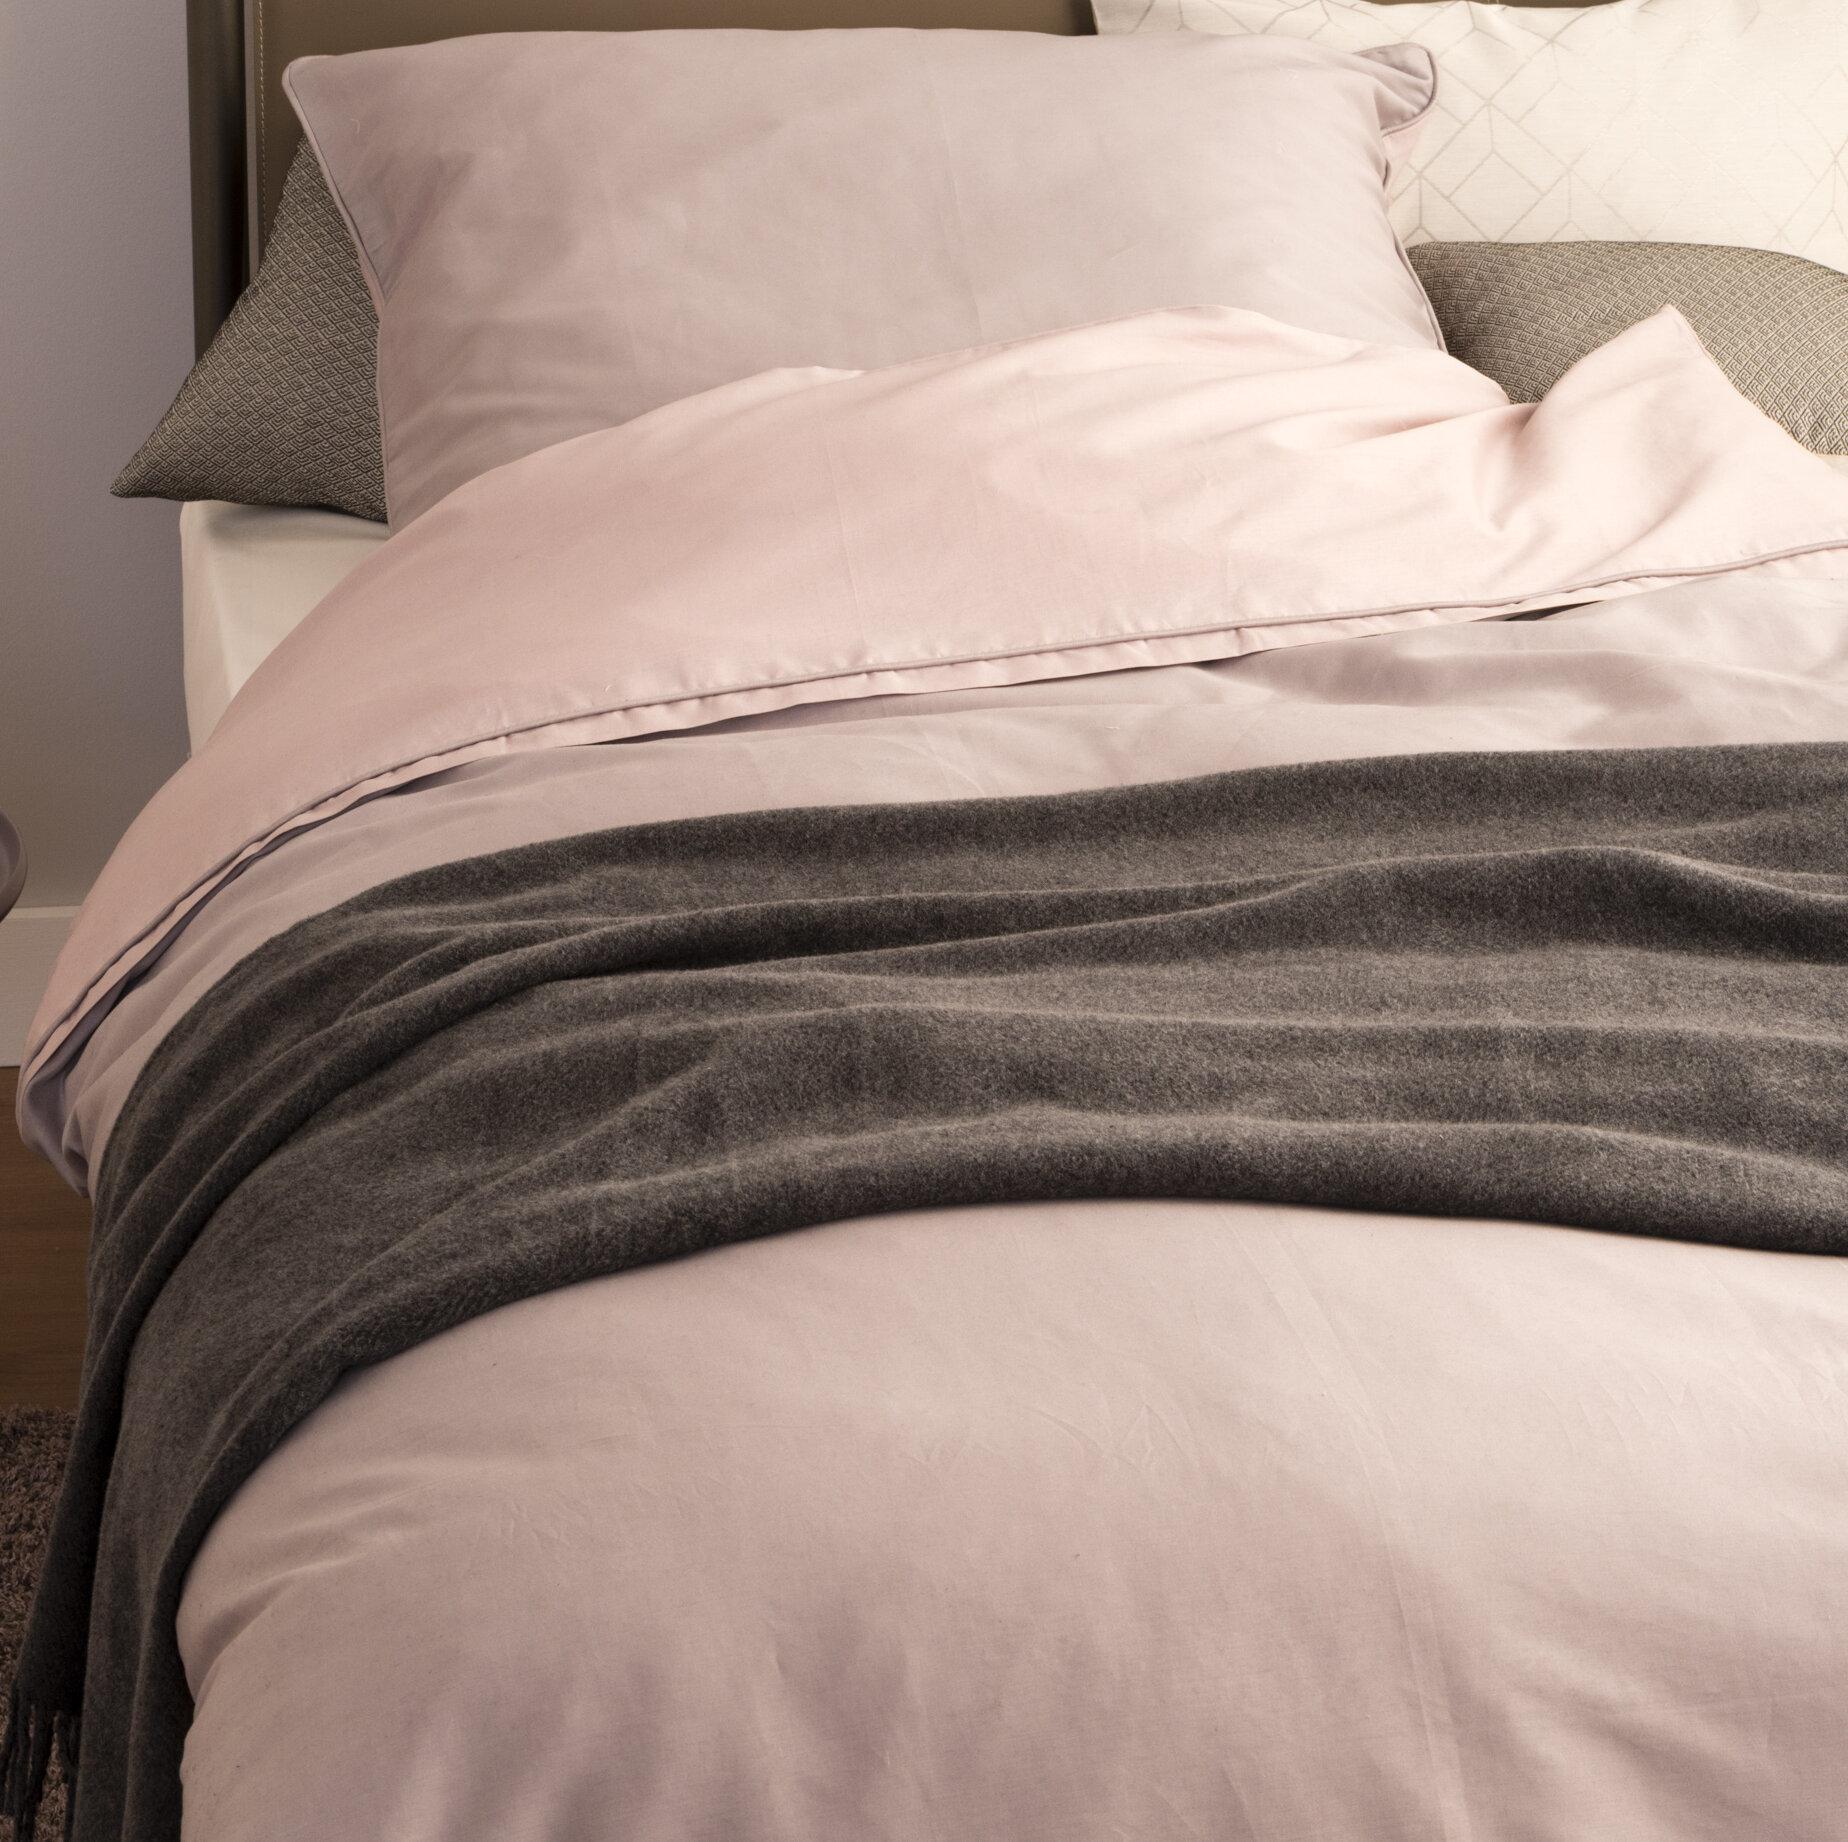 Schöner Wohnen Kollektion Mako Satin Bettwäsche Pure Bewertungen